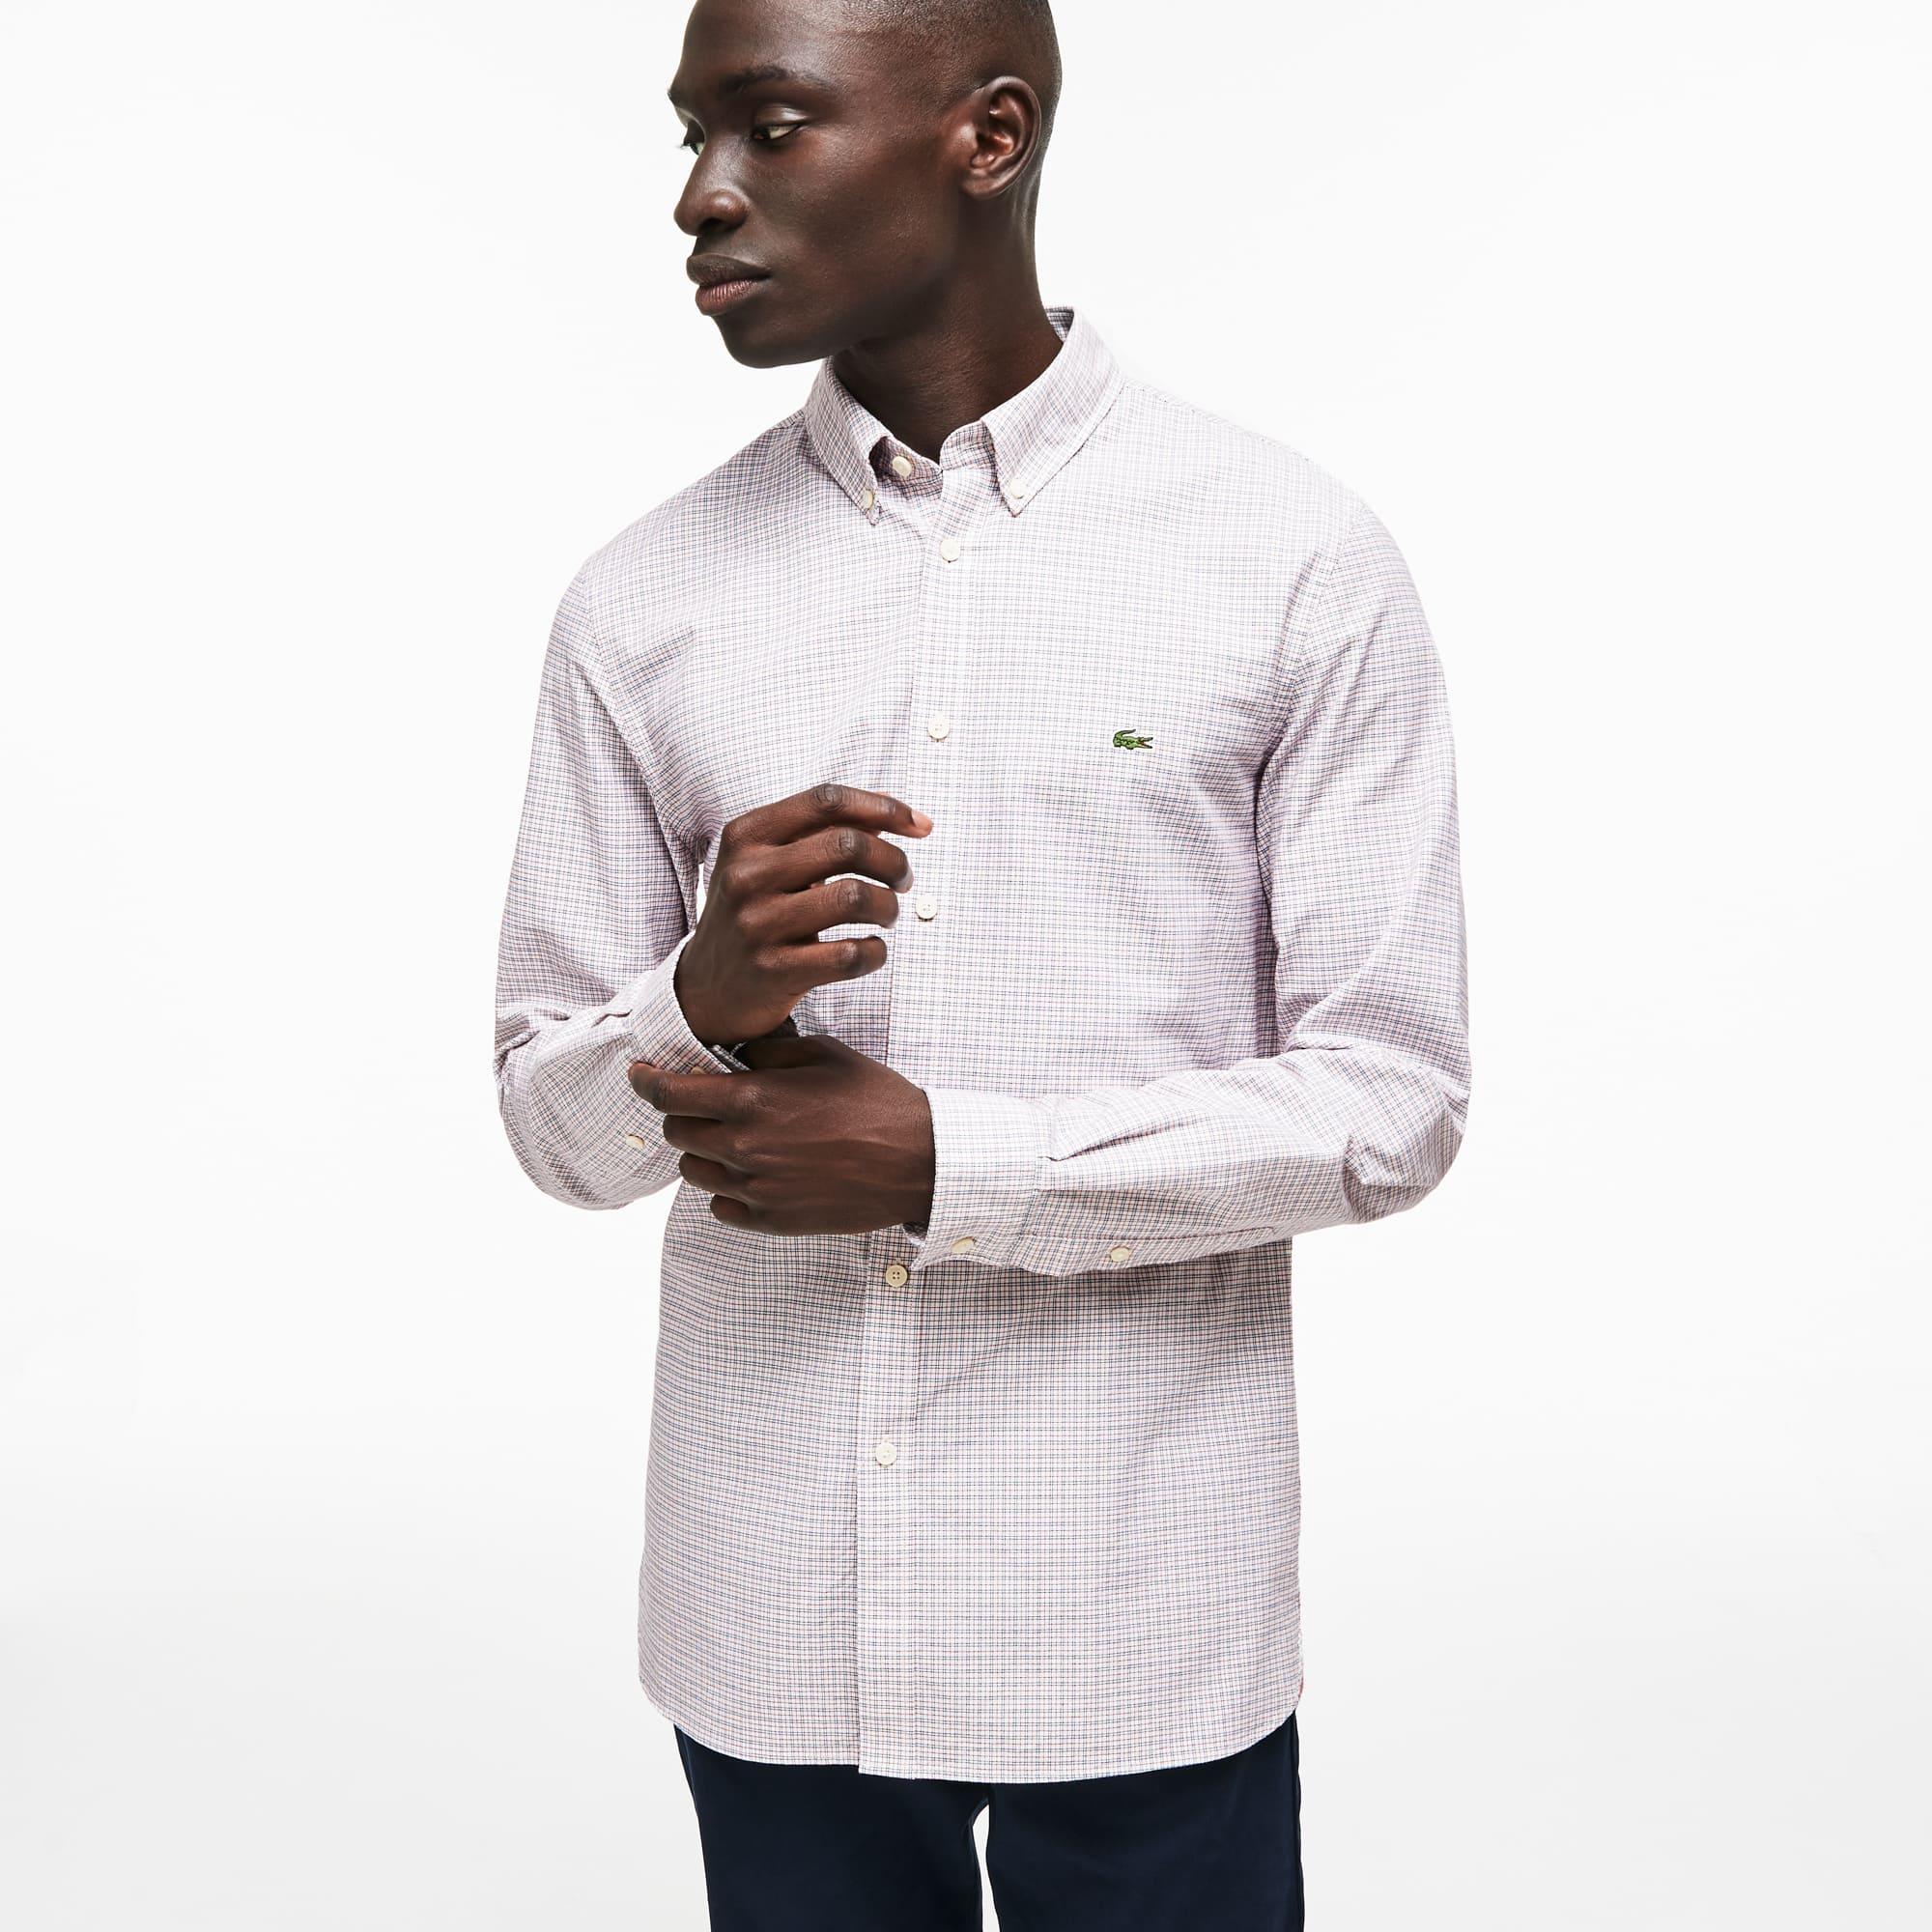 Lacoste - Camisa De Hombre Slim Fit En Algodón Oxford Elástico De Cuadros - 8